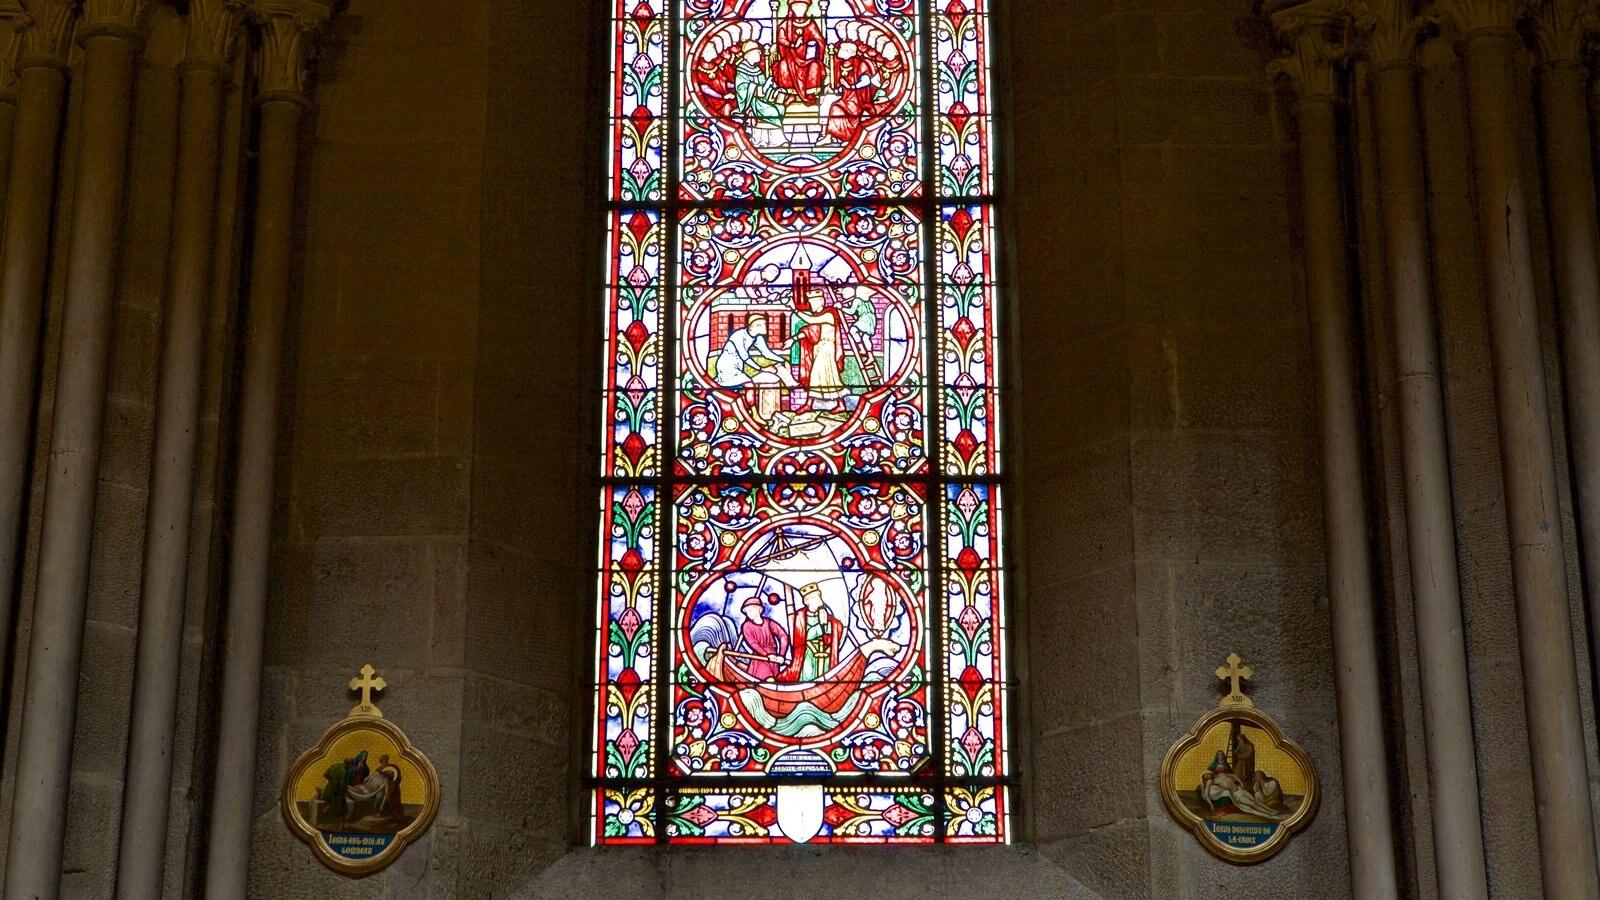 Igreja de Notre Dame mostrando elementos de patrimônio, arte e uma igreja ou catedral